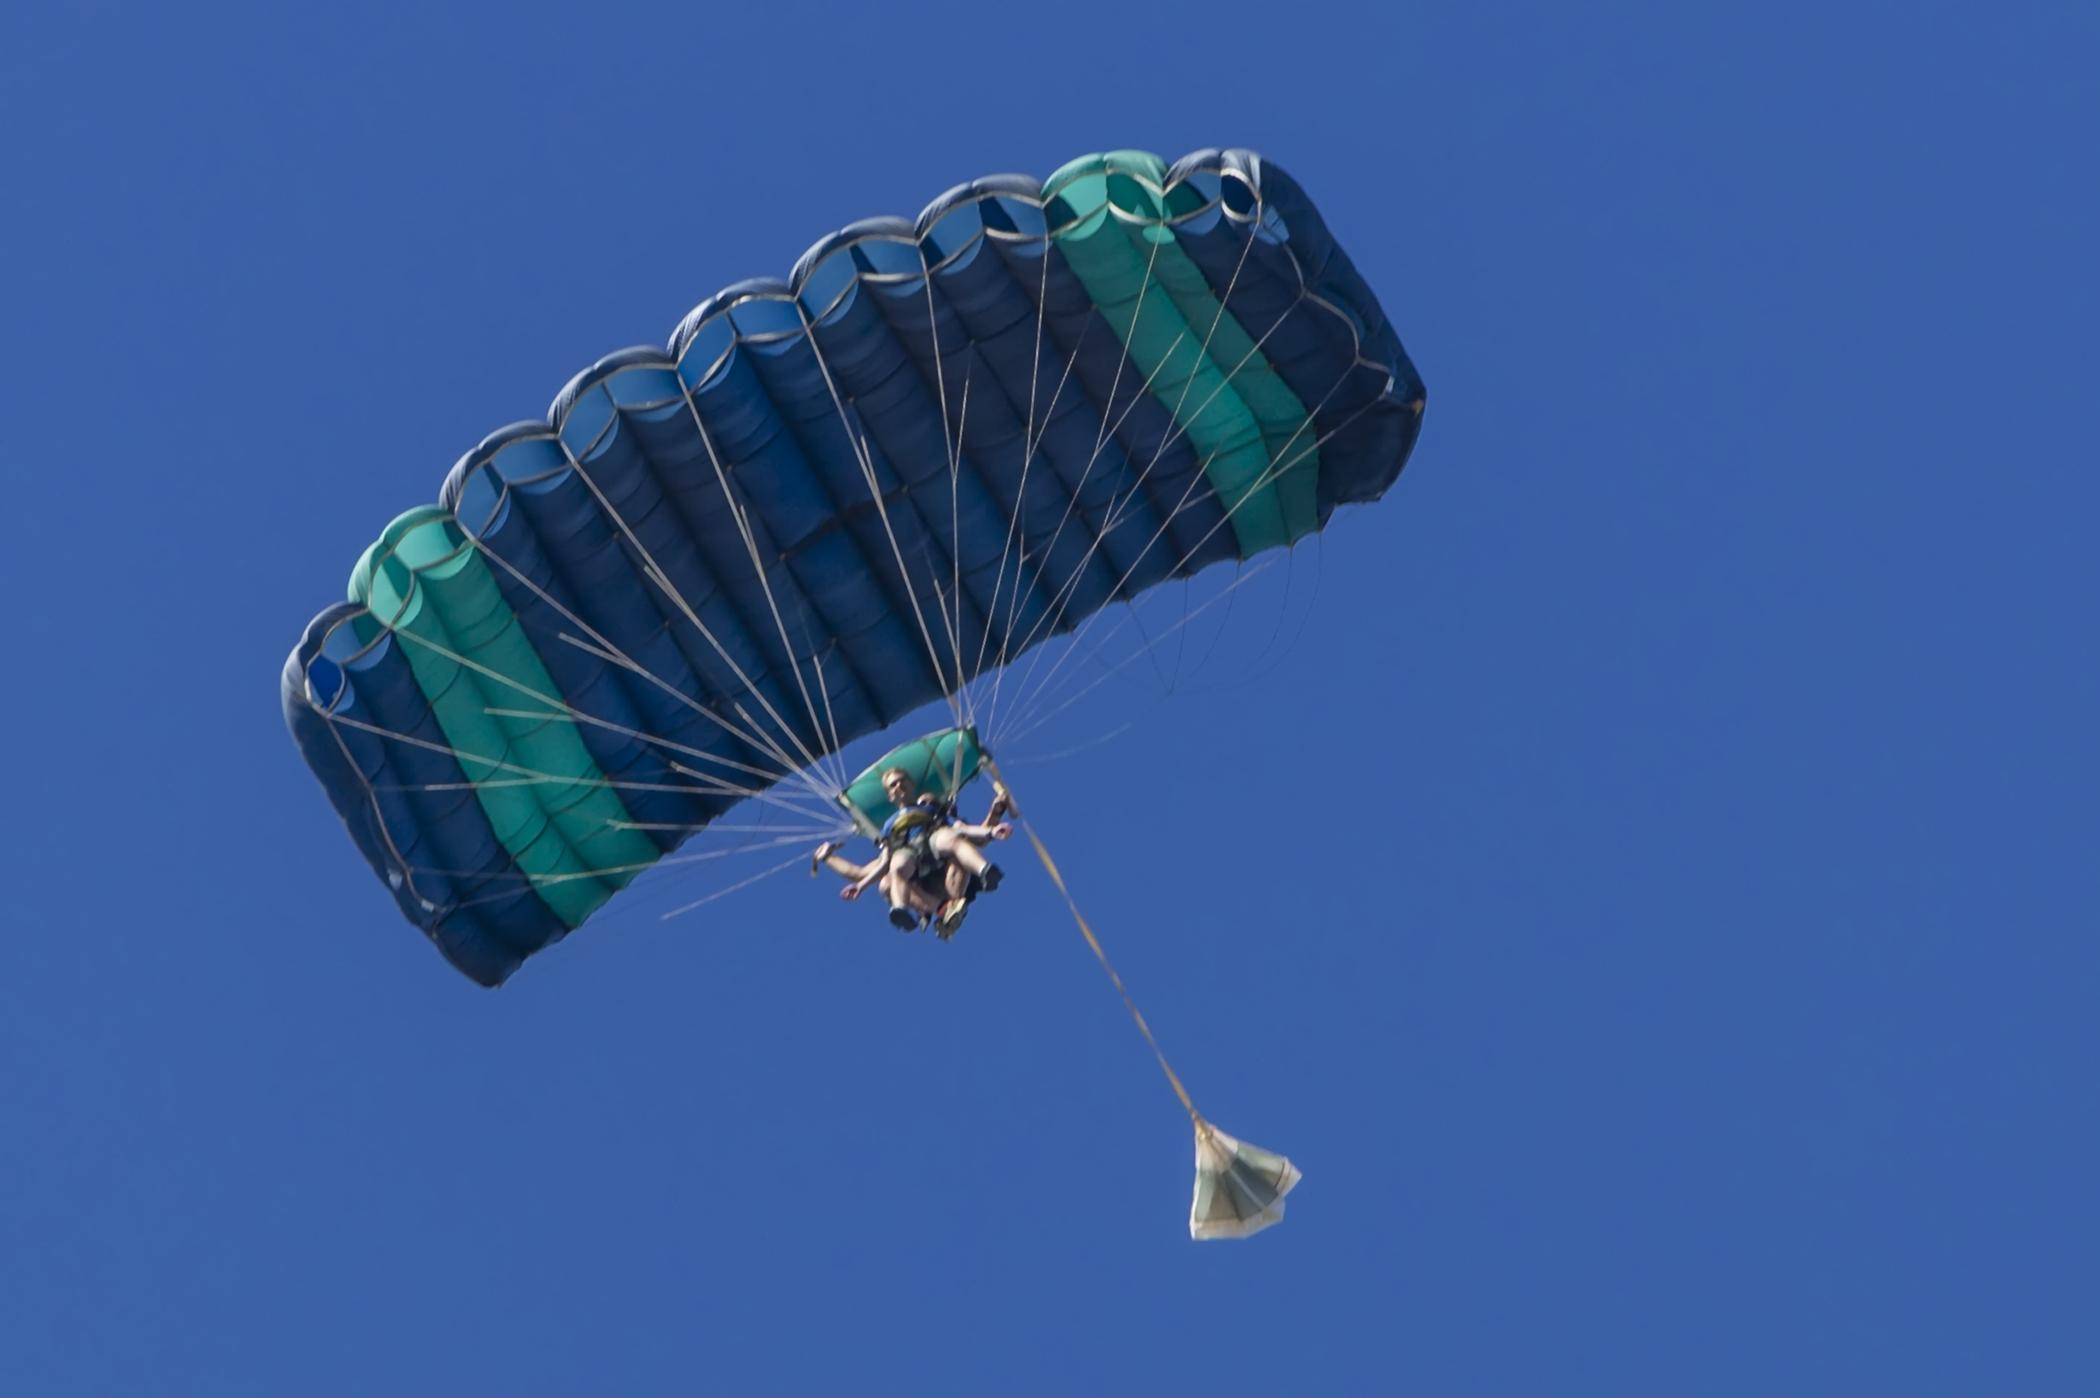 sporting ram-air parachute